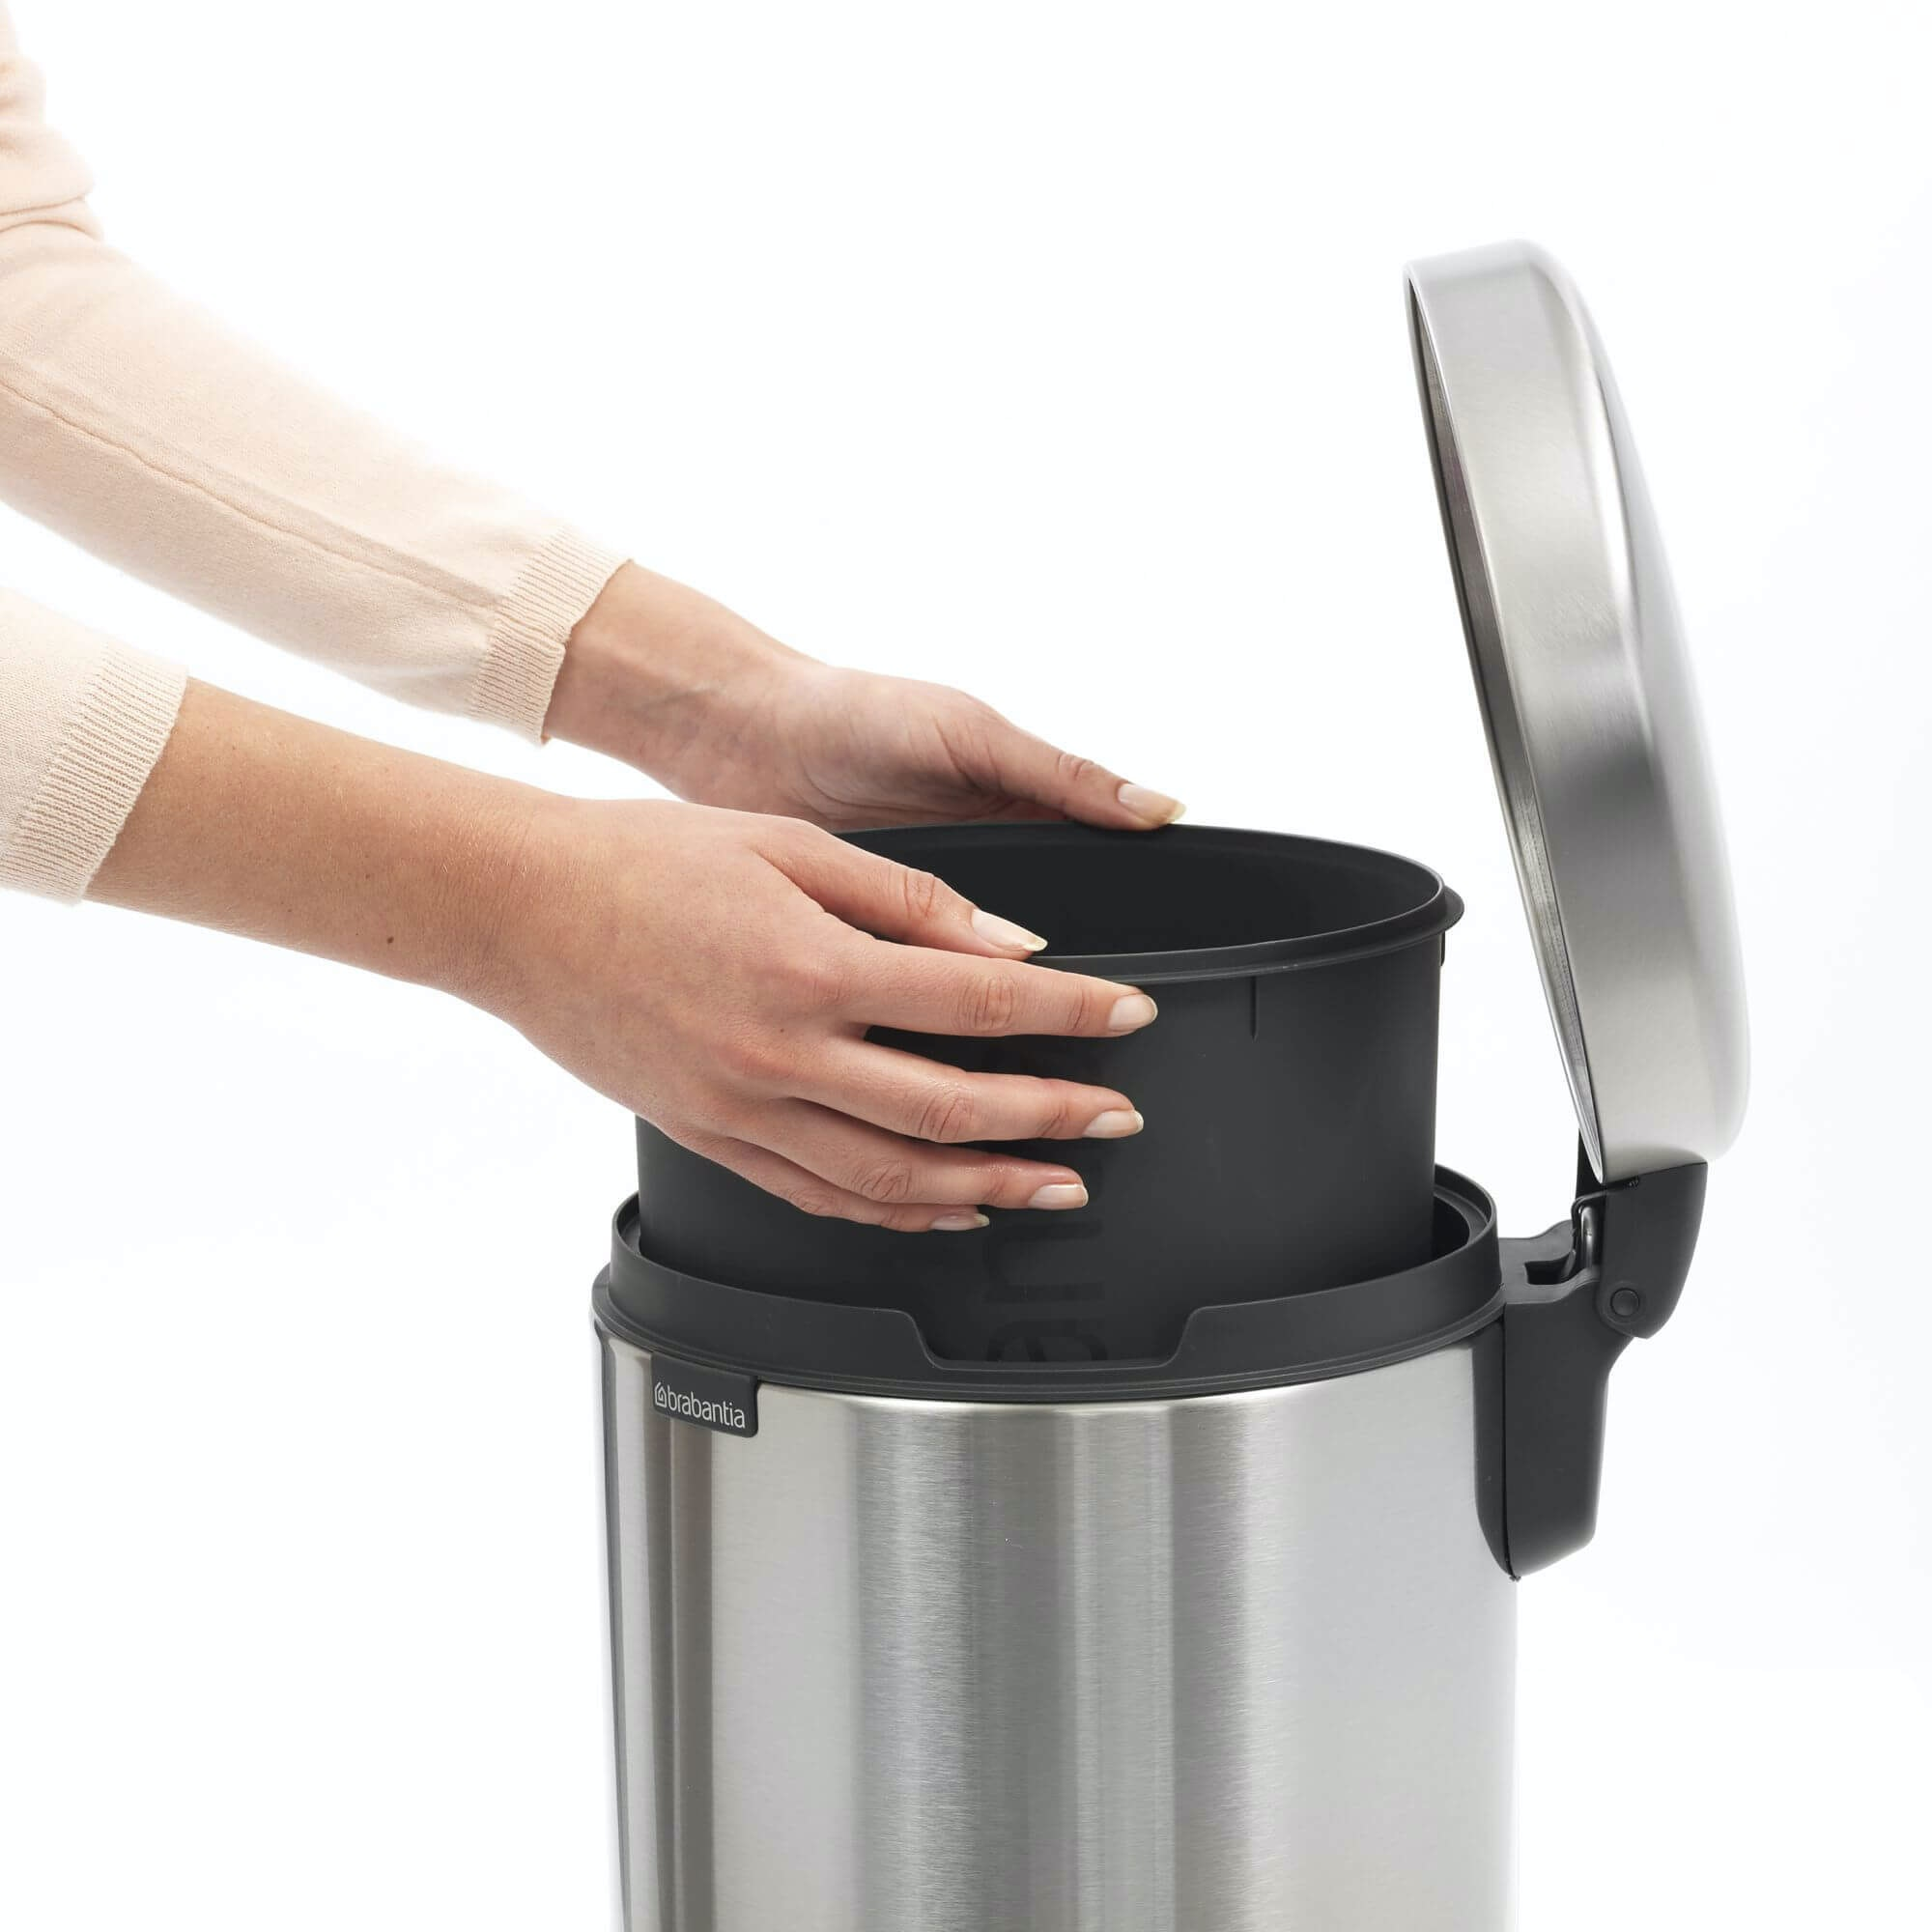 Brabantia Newicon Pedaalemmer 12 Liter Met Kunststof Binnenemmer Matt Steel Fingerprint Proof online kopen